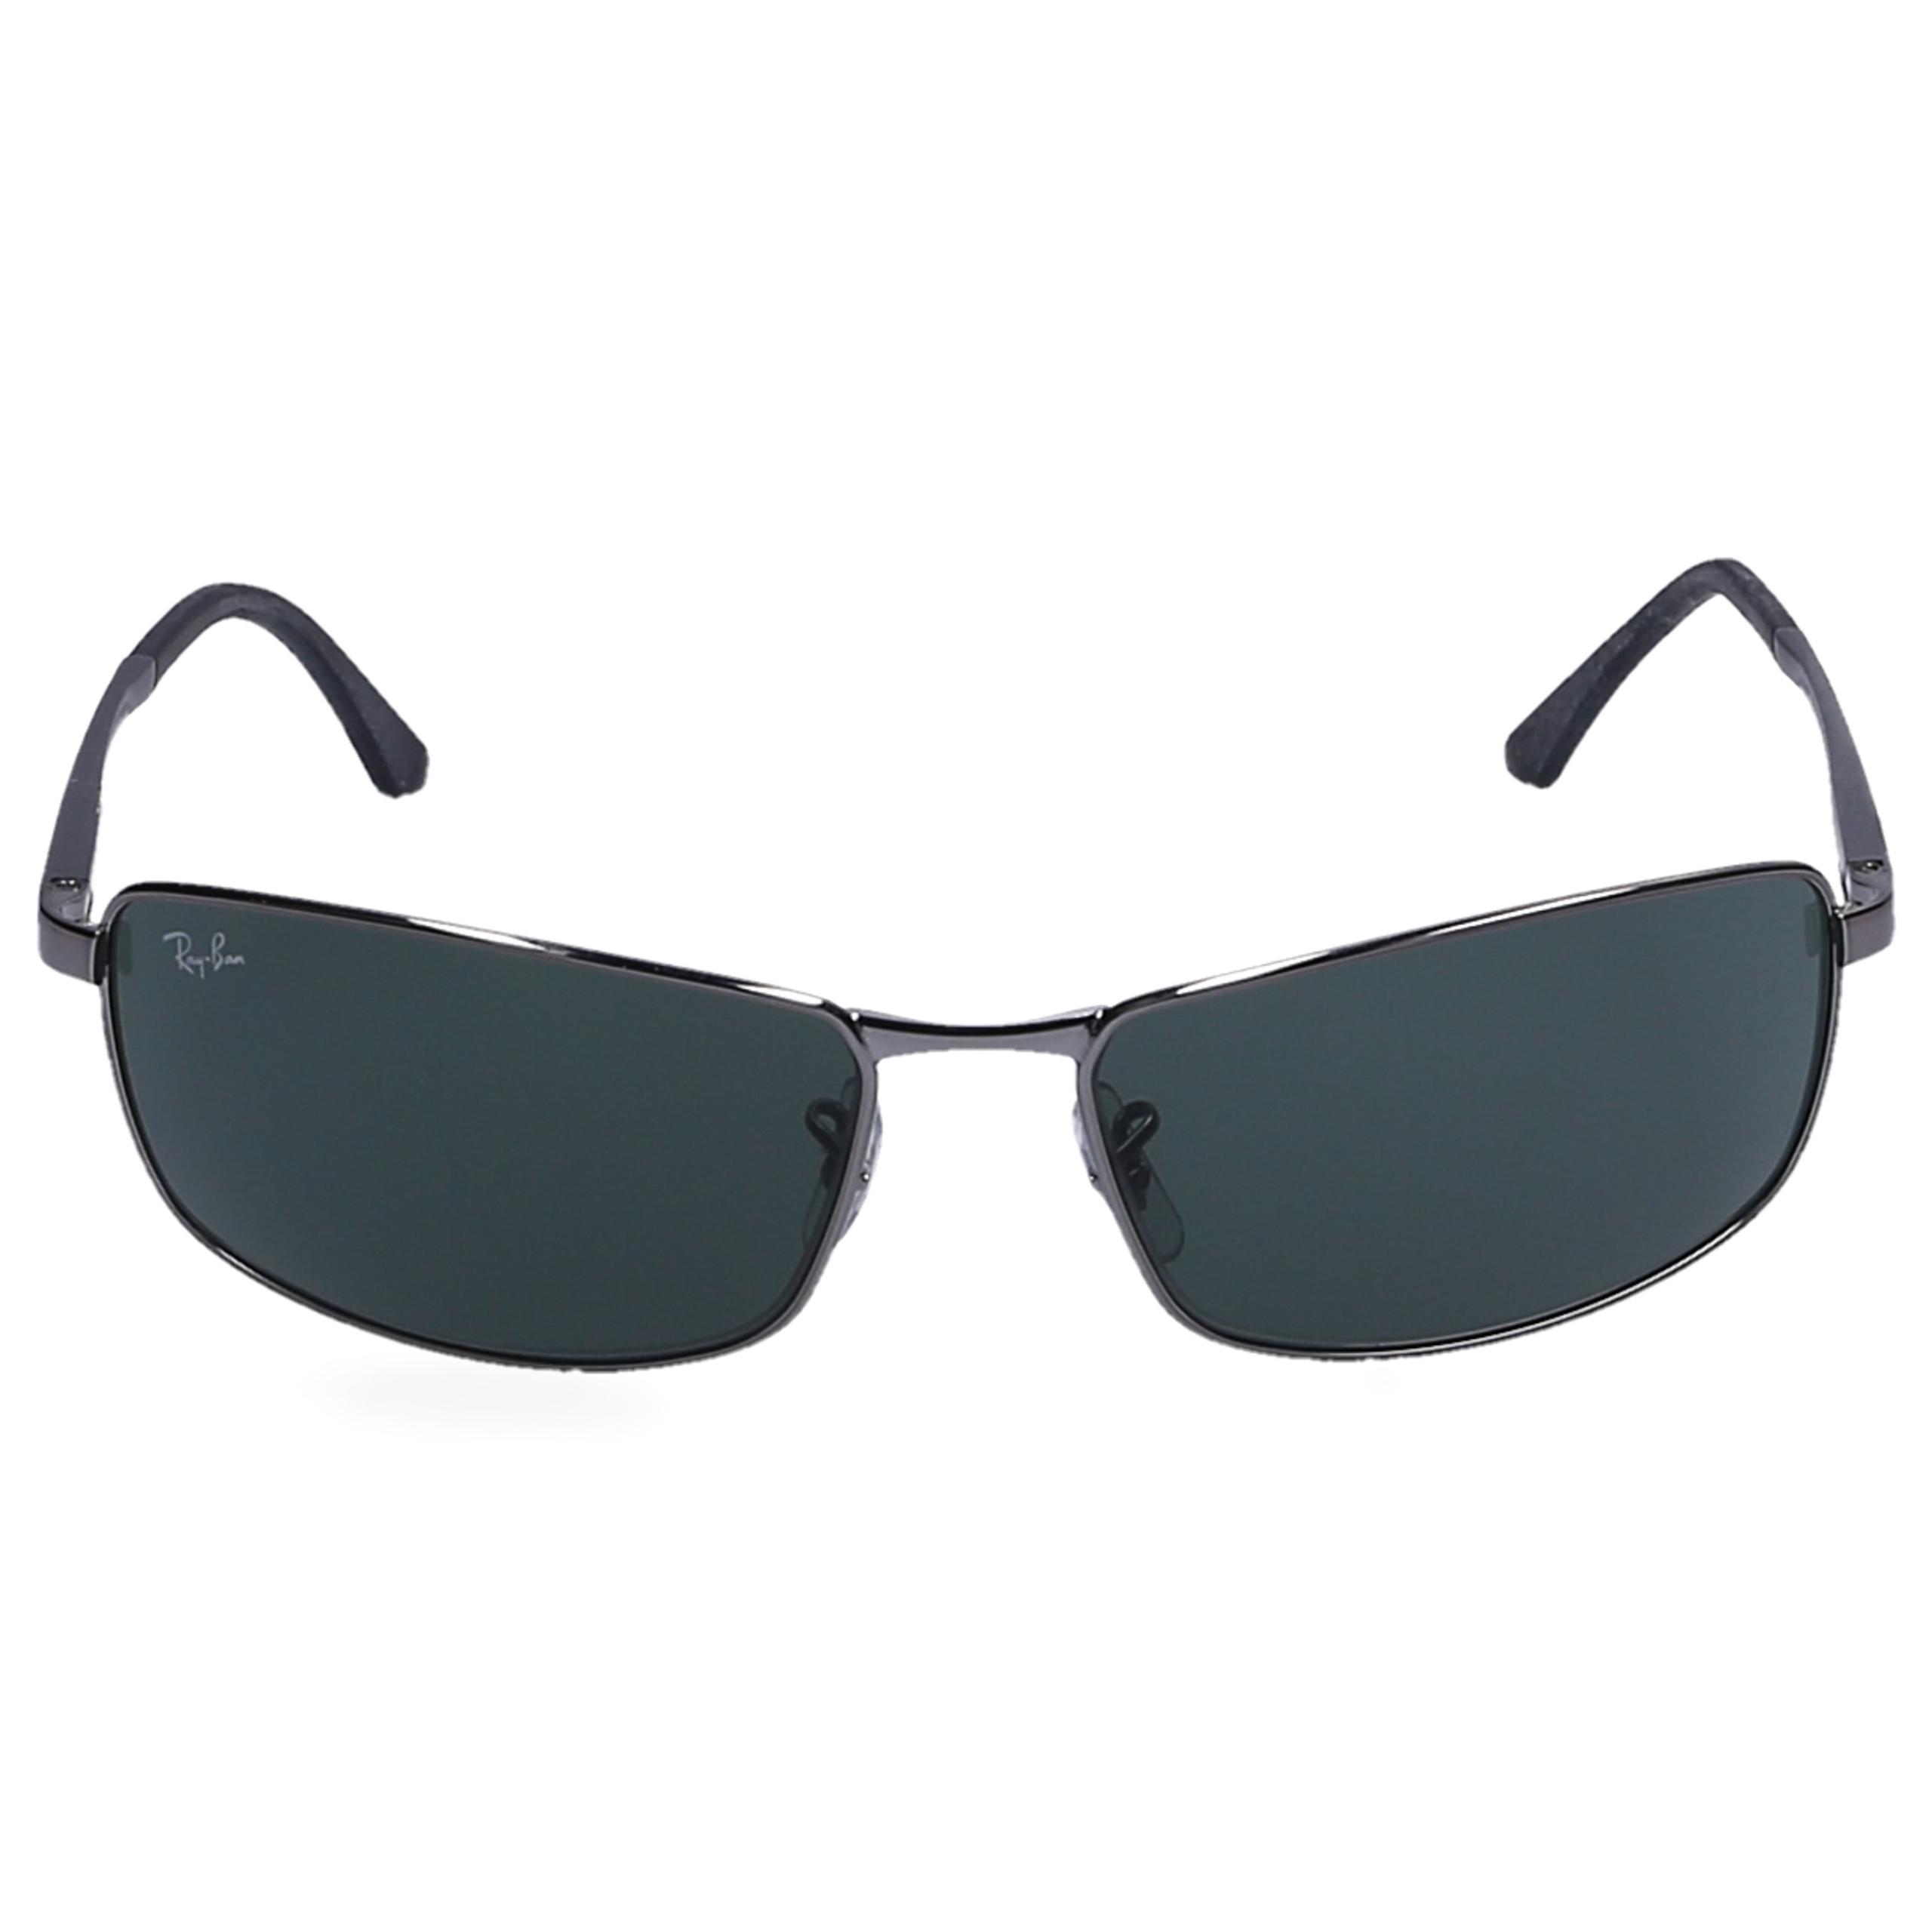 Sonnenbrille Wayfarer 3498 004/71 Metall silber